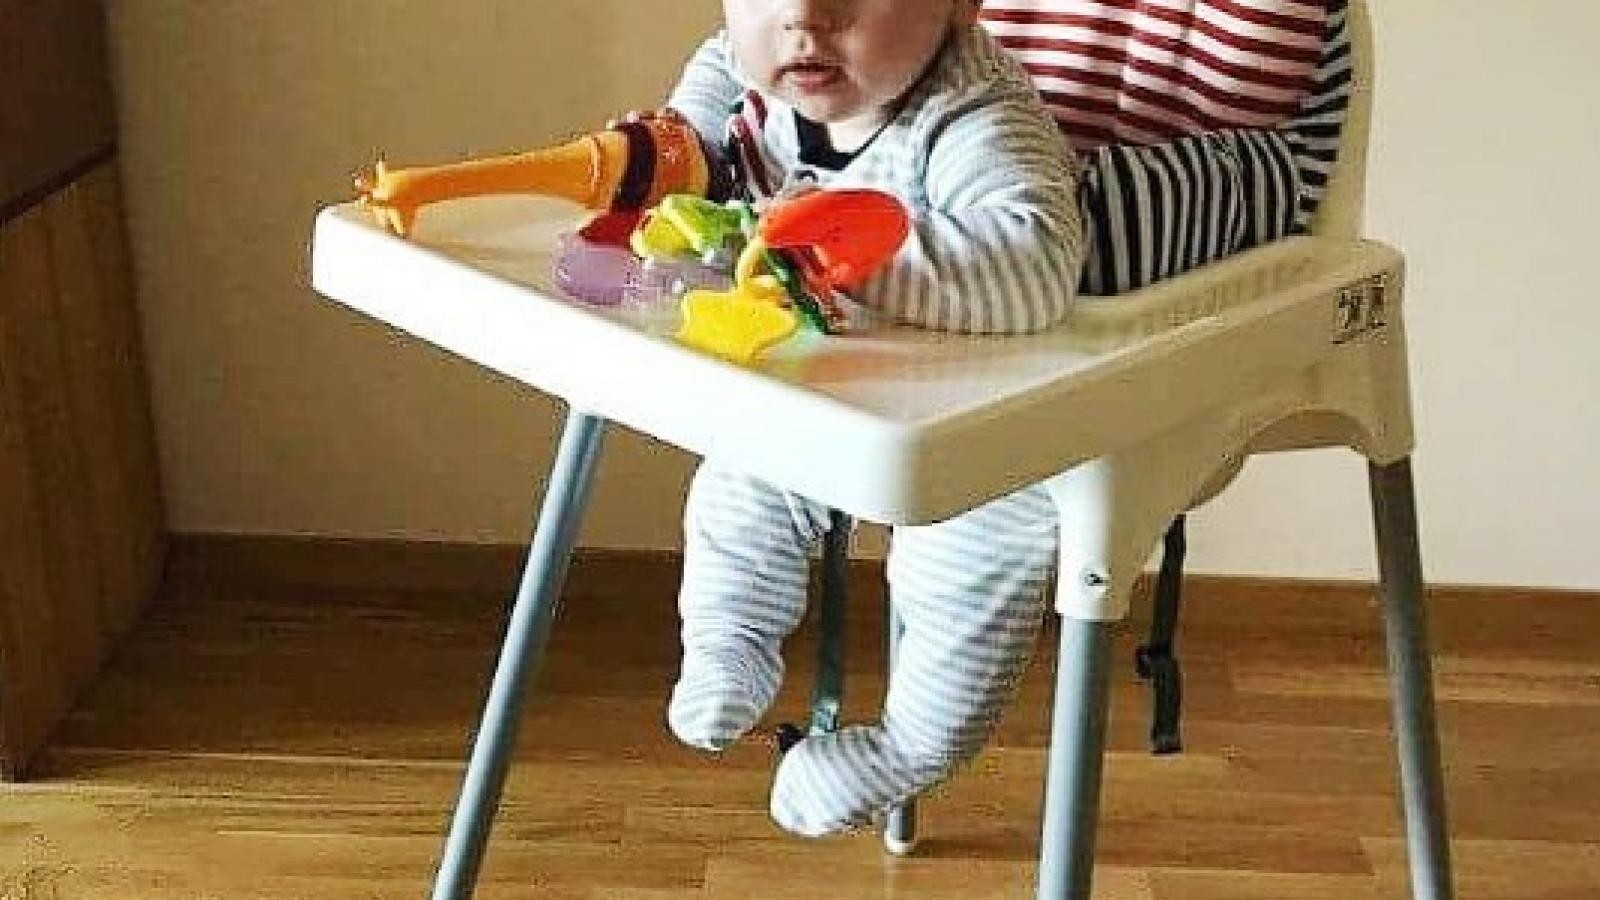 В Вологде проверяют семью, где травмировался младенец